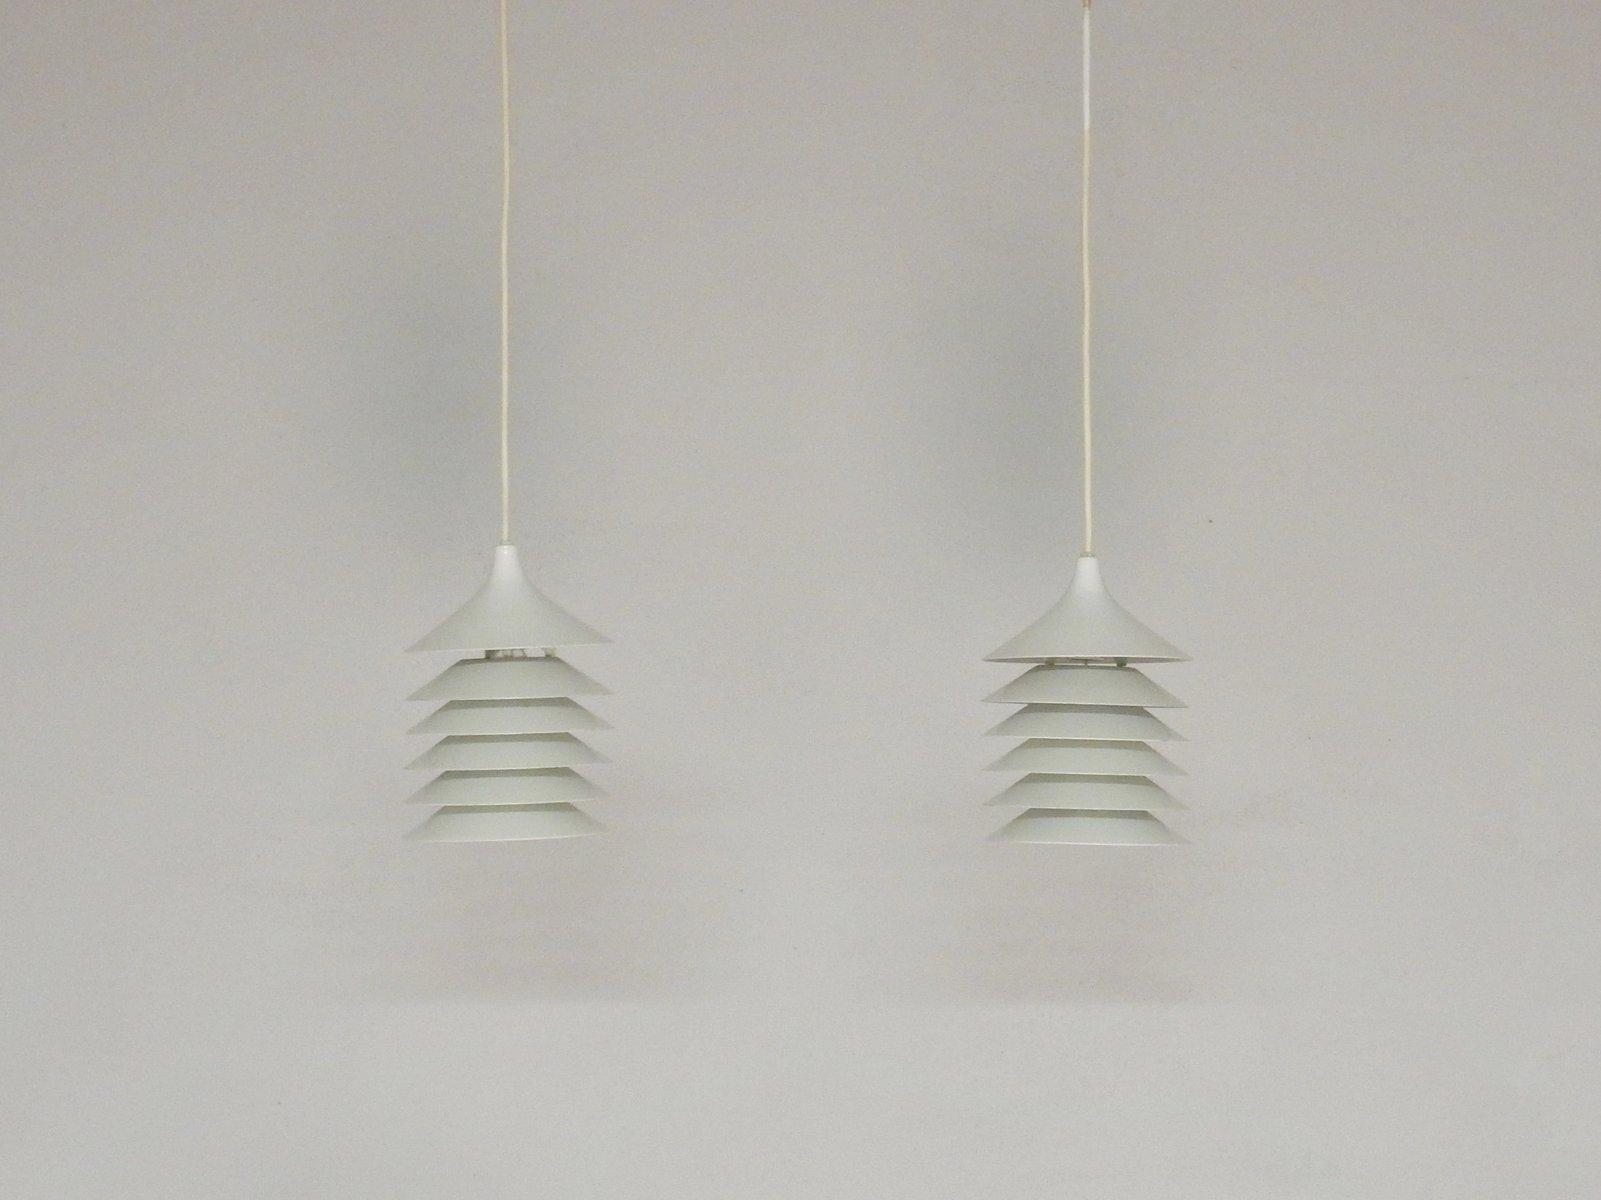 Weisse Vintage Duett Hngelampen Von Bent Gantzel Boysen Fr Ikea 2er Set Bei Pamono Kaufen